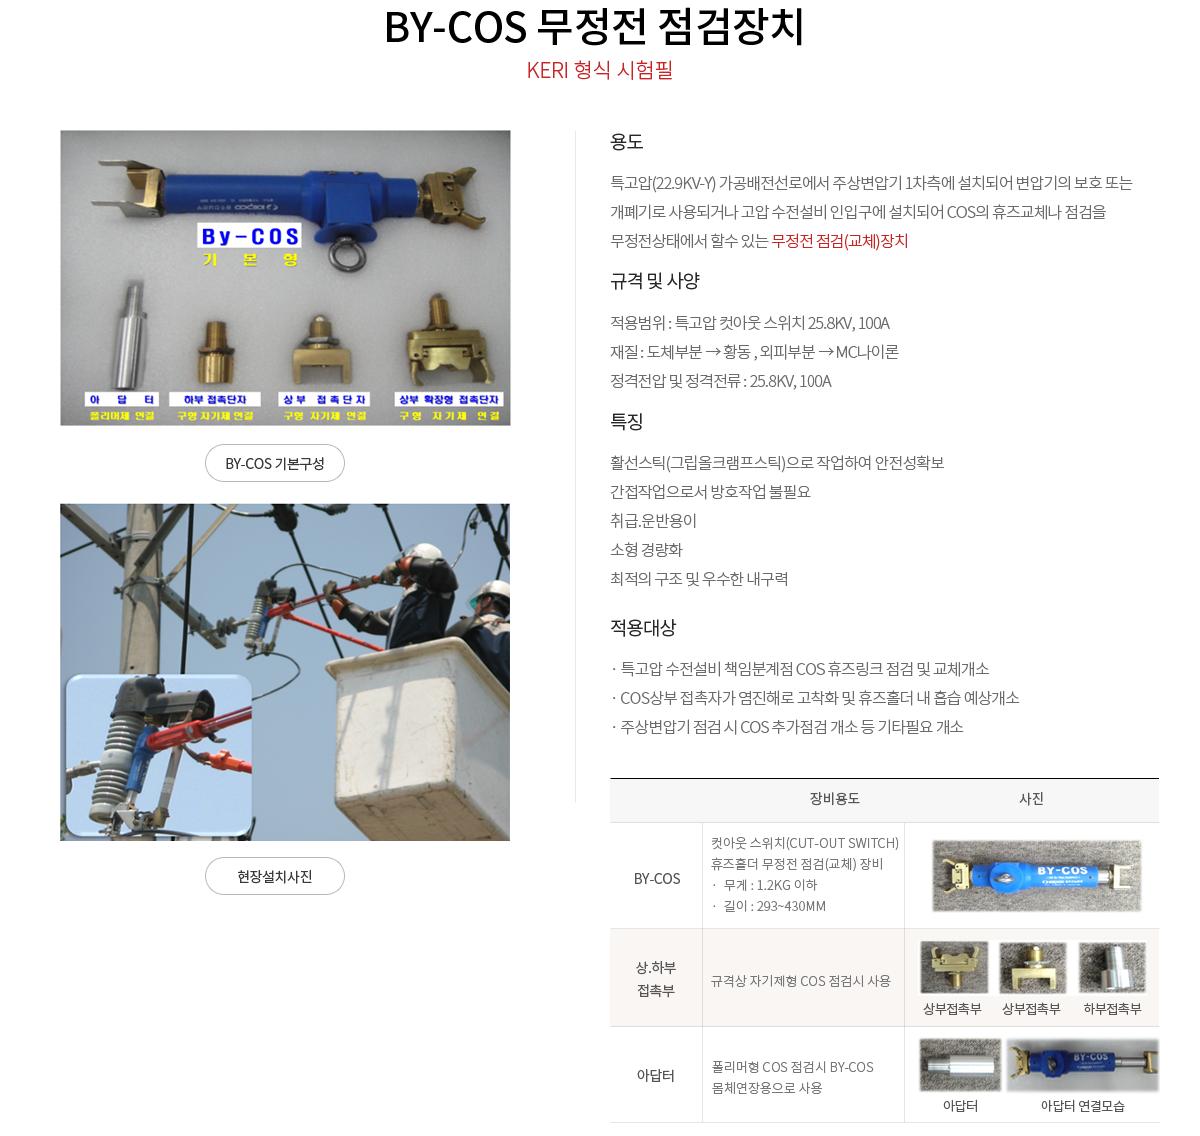 BY-COS-무정전-점검장치